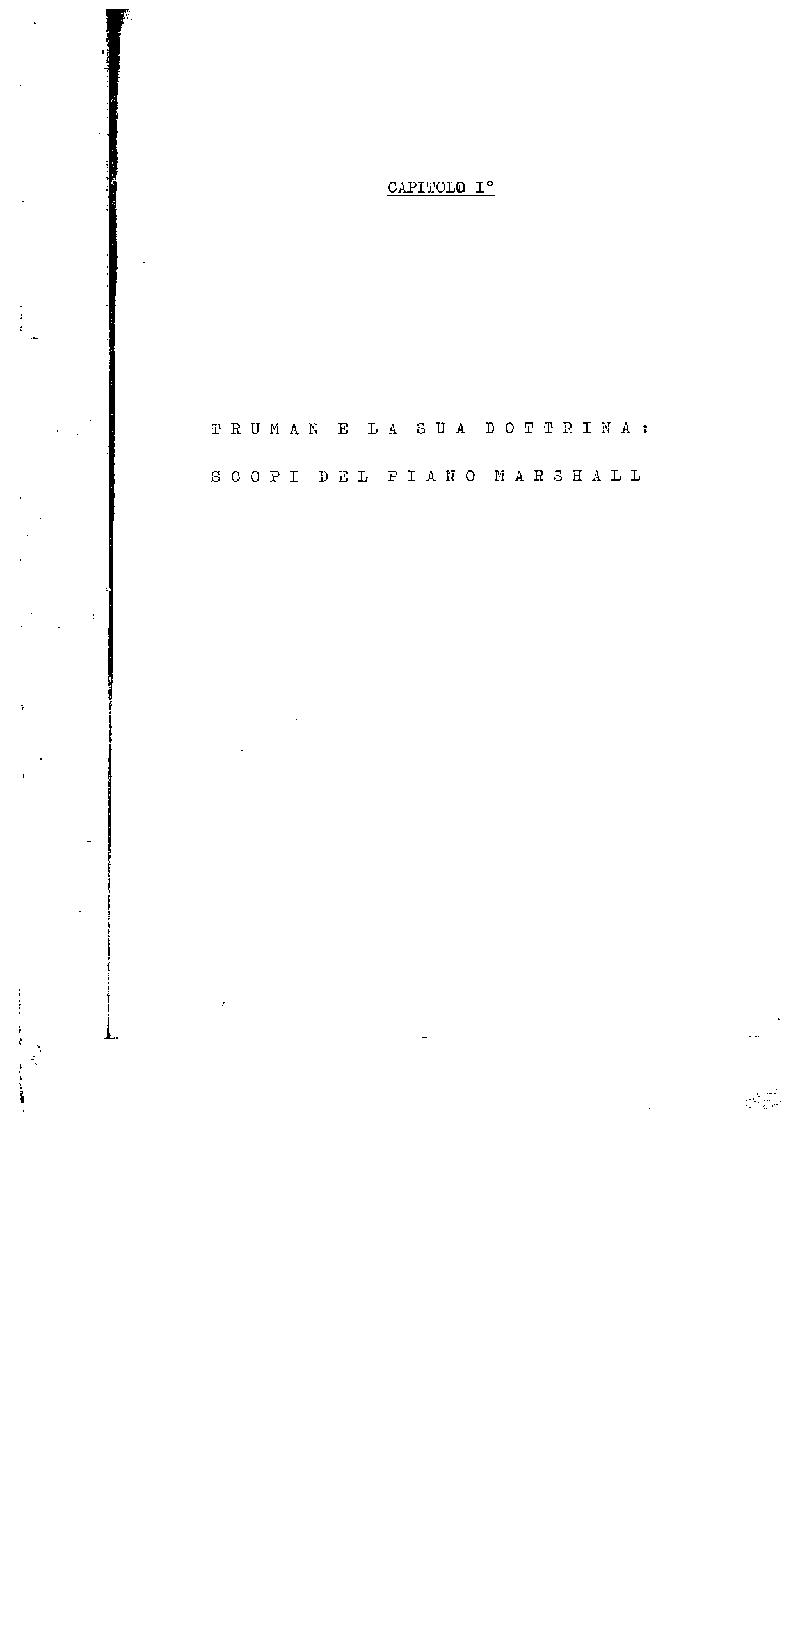 Anteprima della tesi: Il Piano Marshall e i problemi della realtà italiana nel secondo dopoguerra (note e temi di discussione), Pagina 1